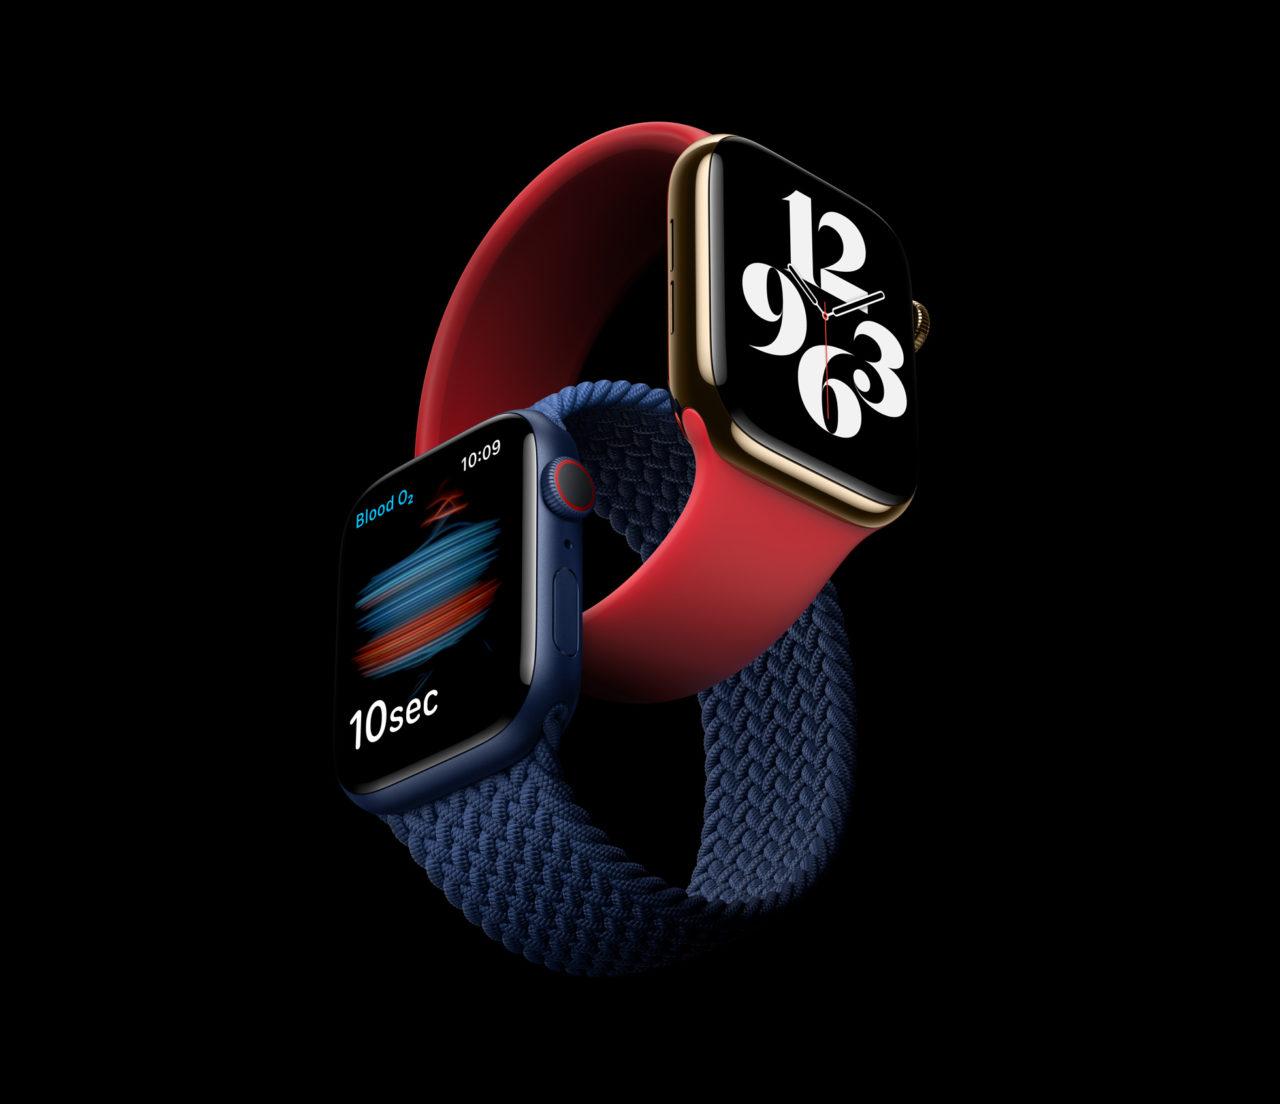 El Apple Watch es capaz de detectar Covid-19